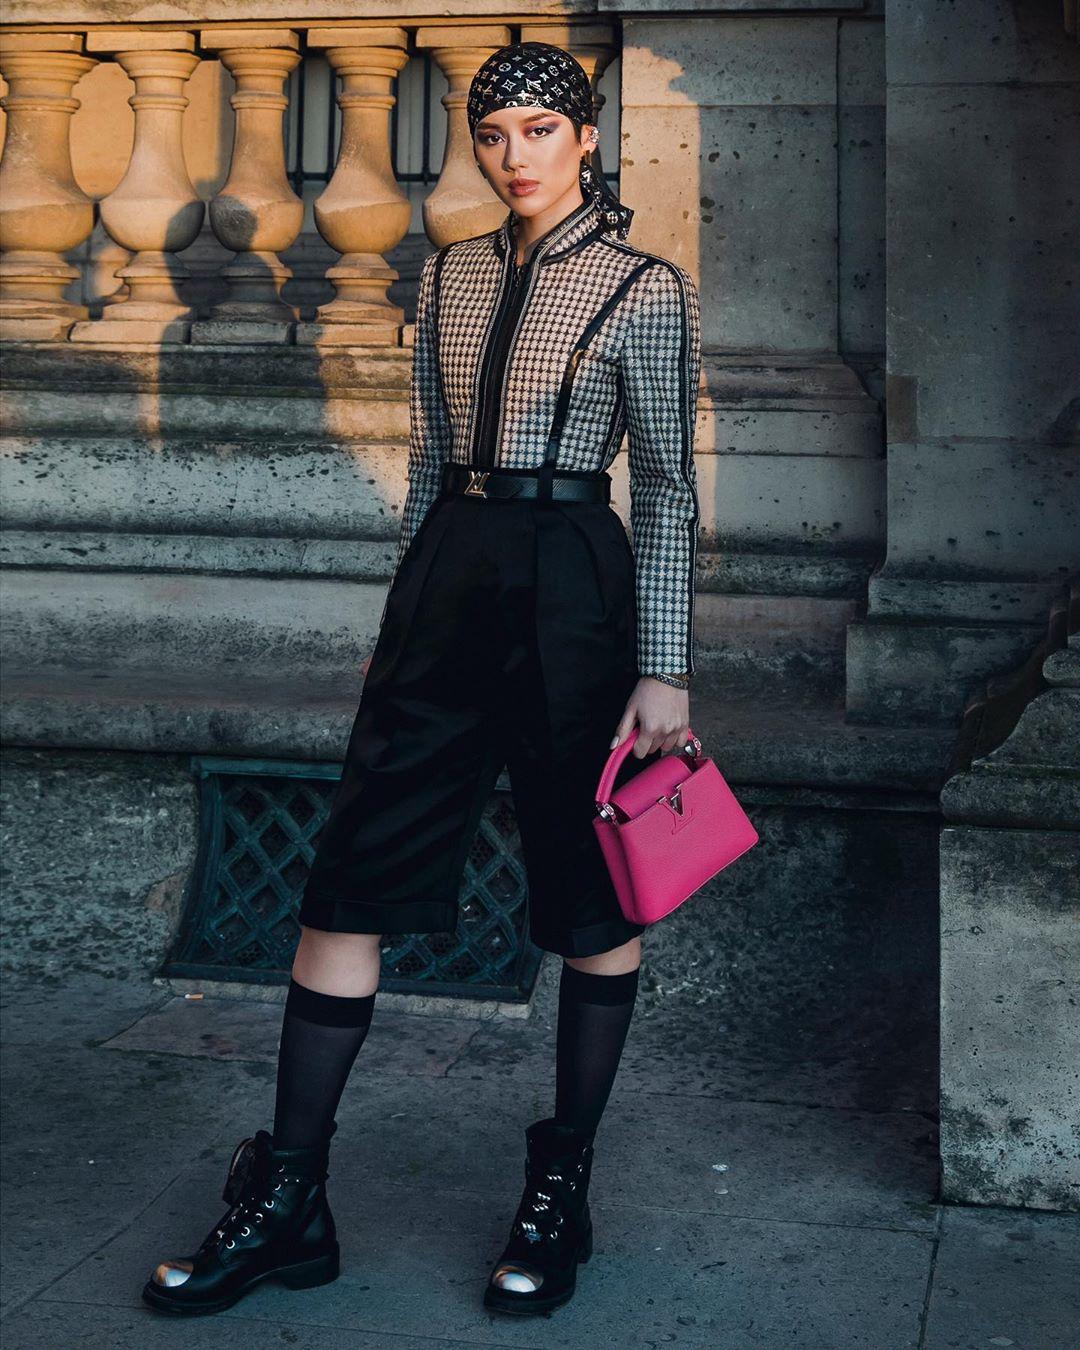 Vẻ ngoài ấn tượng của fashionista Khánh Linh tại show diễn Thu - Đông 2020 của Louis Vuitton